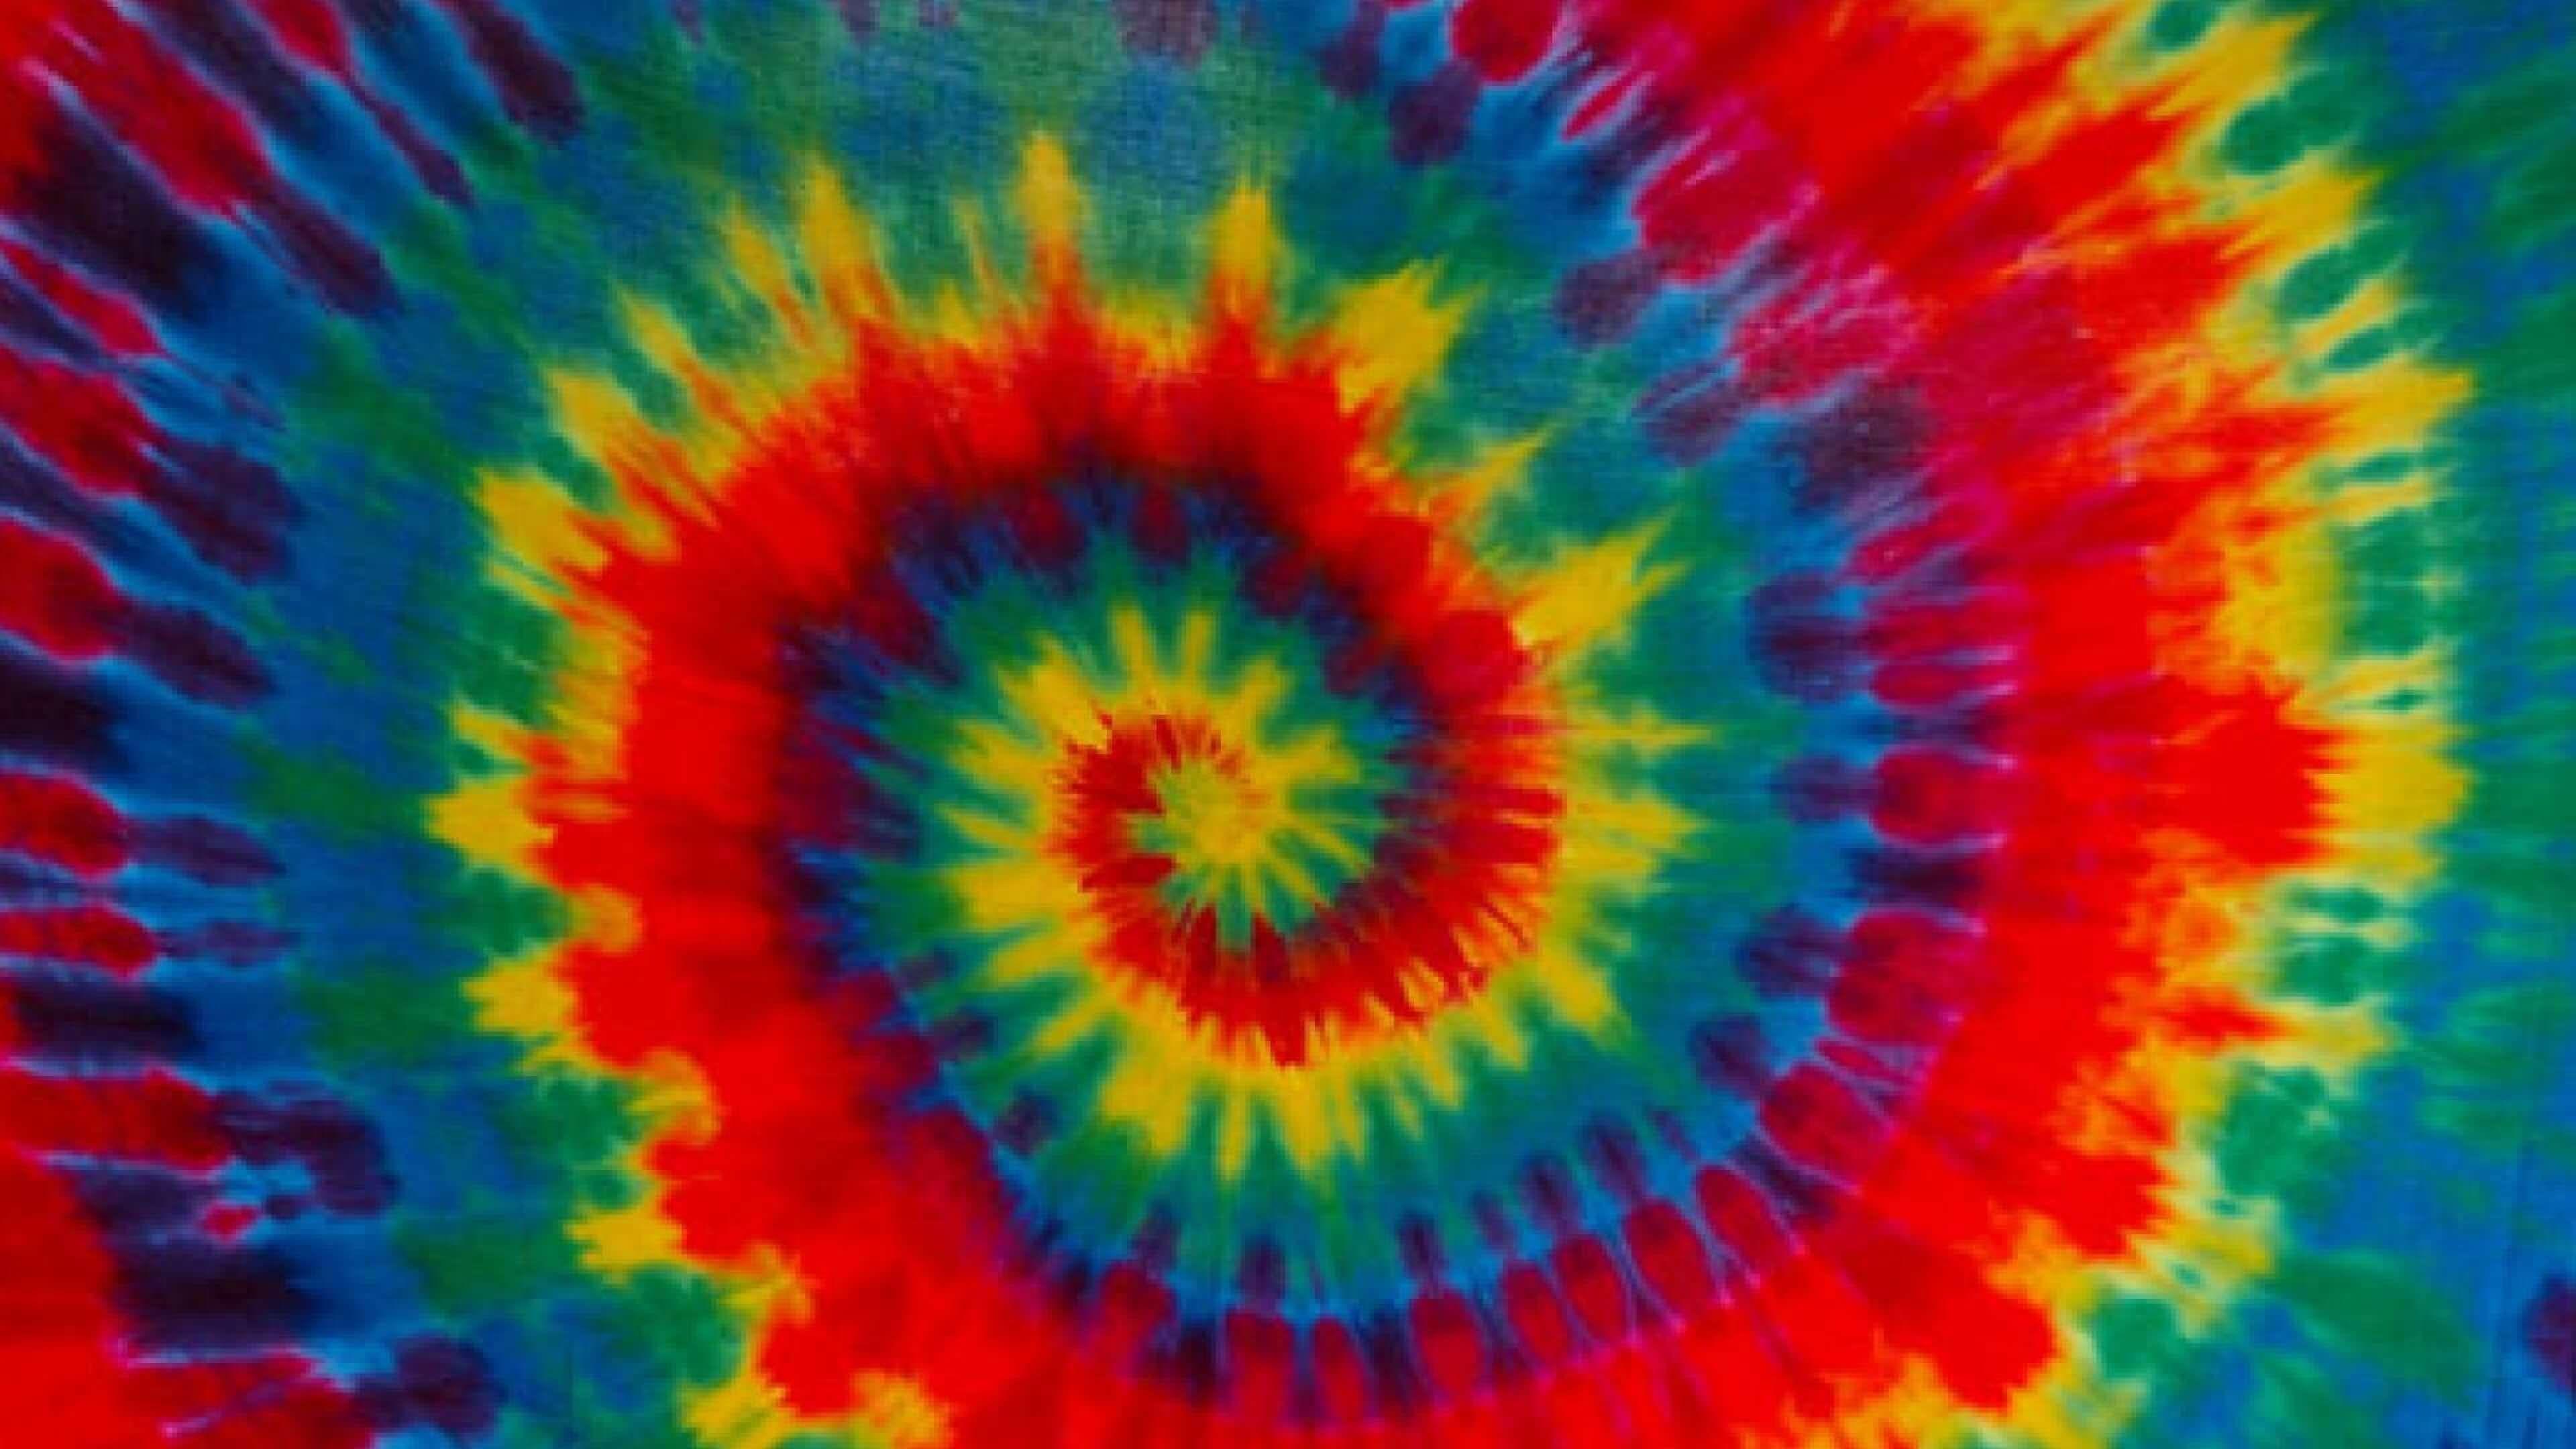 Free Tie Dye Wallpaper for Samsung 4K HD Tie dye